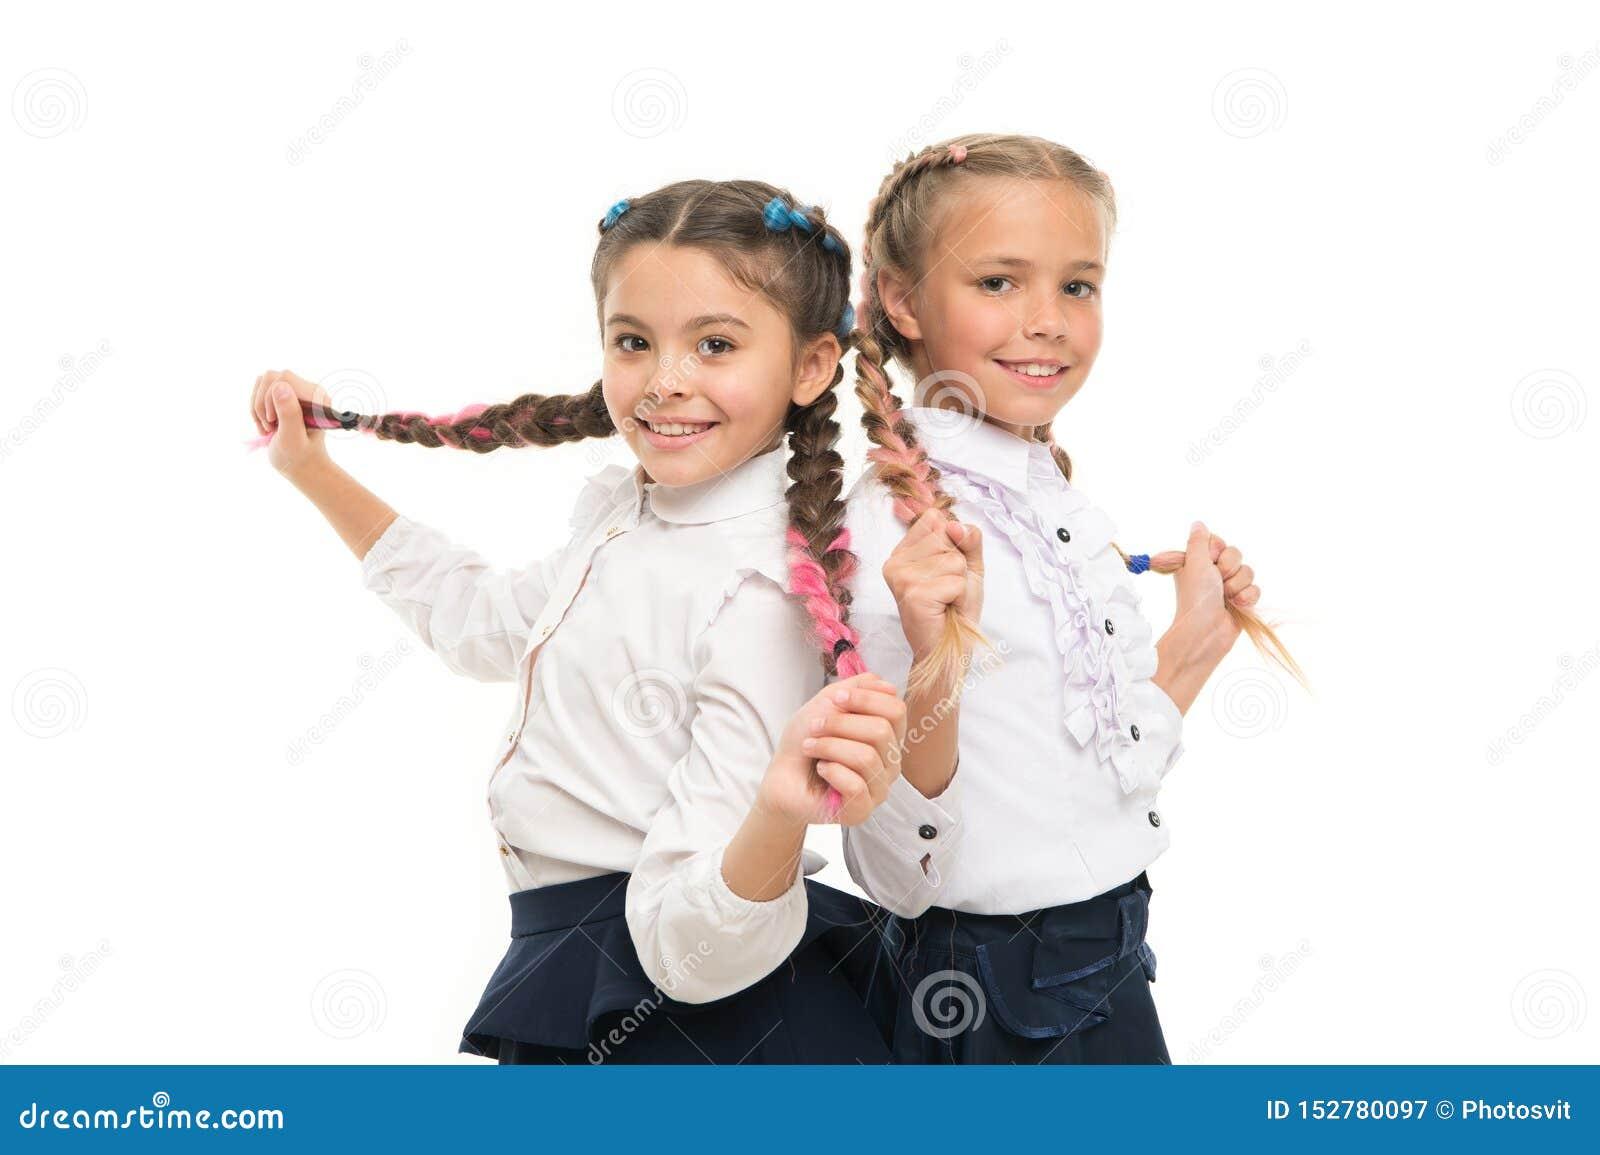 适当的发型 保持头发编辫子为整洁的神色 与长的结辨的头发的学生 美发师沙龙 ??